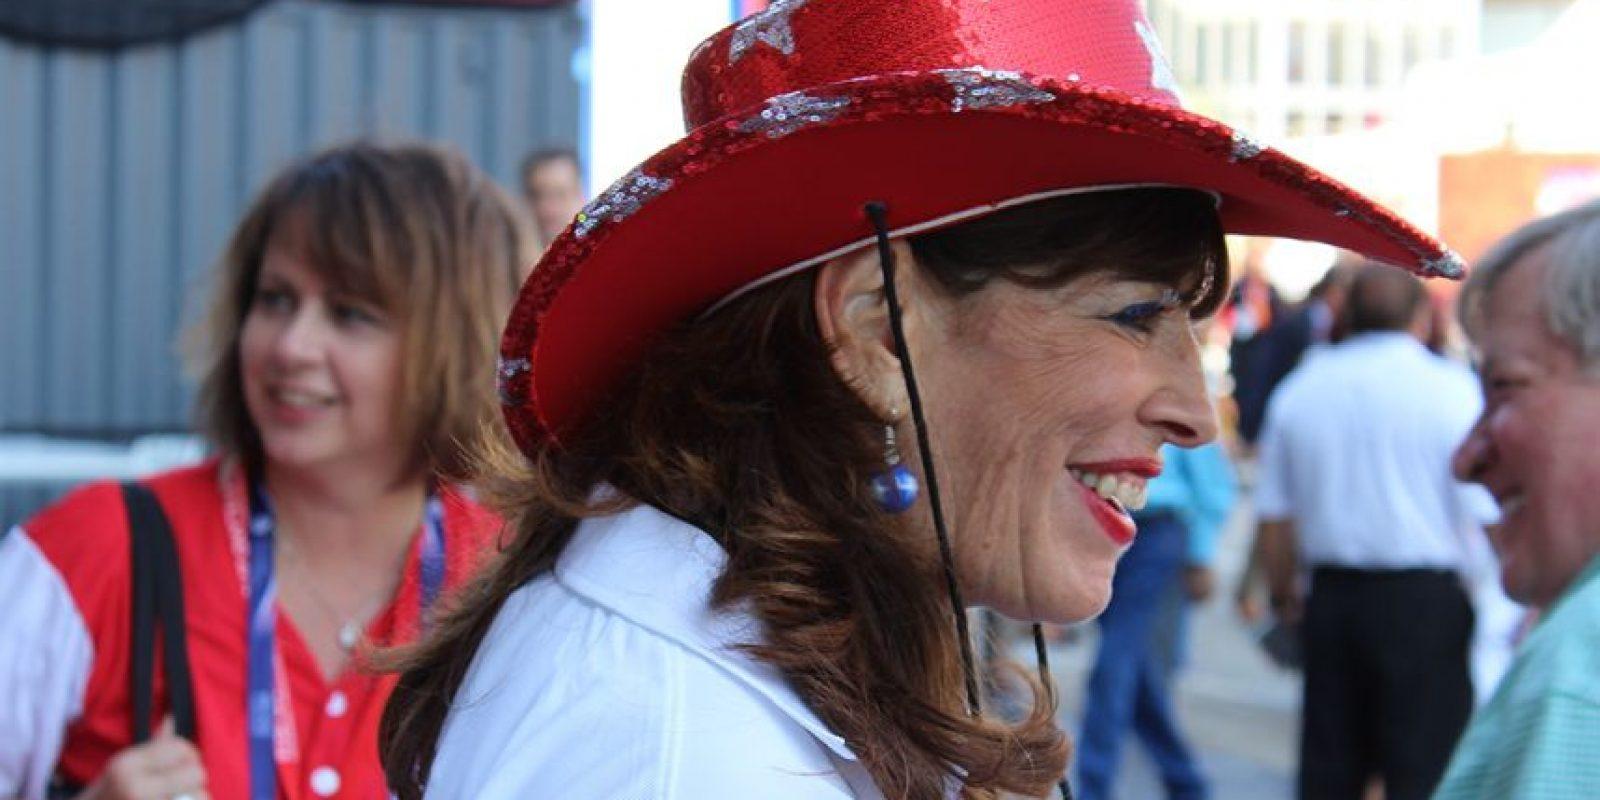 Los estilos también no faltaron, como este sombrero de vaquero típico. Foto:Publimetro